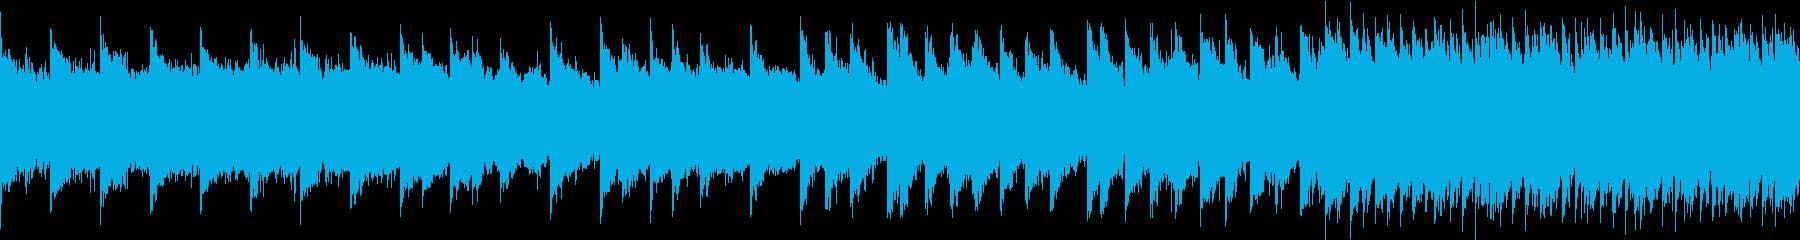 シンセベルとアコギBGM ループの再生済みの波形